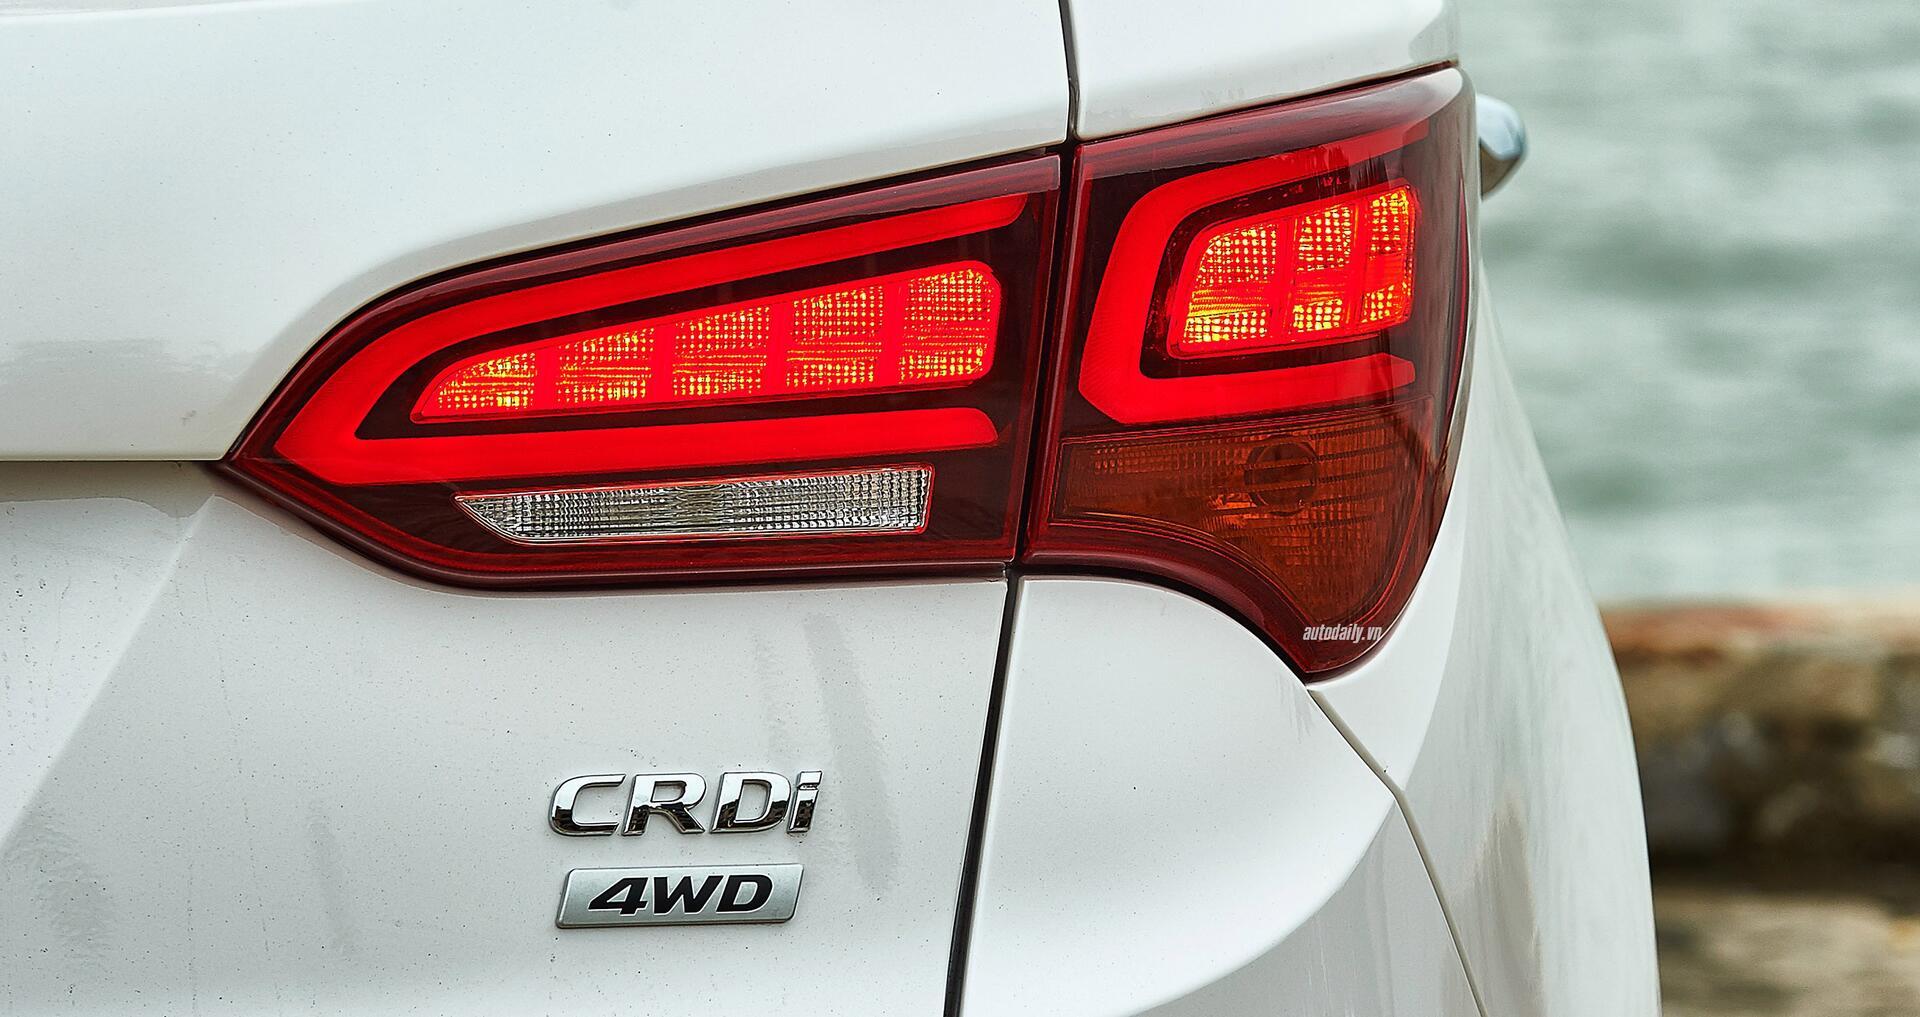 Đánh giá ban đầu về Hyundai SantaFe 2016 phiên bản máy dầu - Hình 2